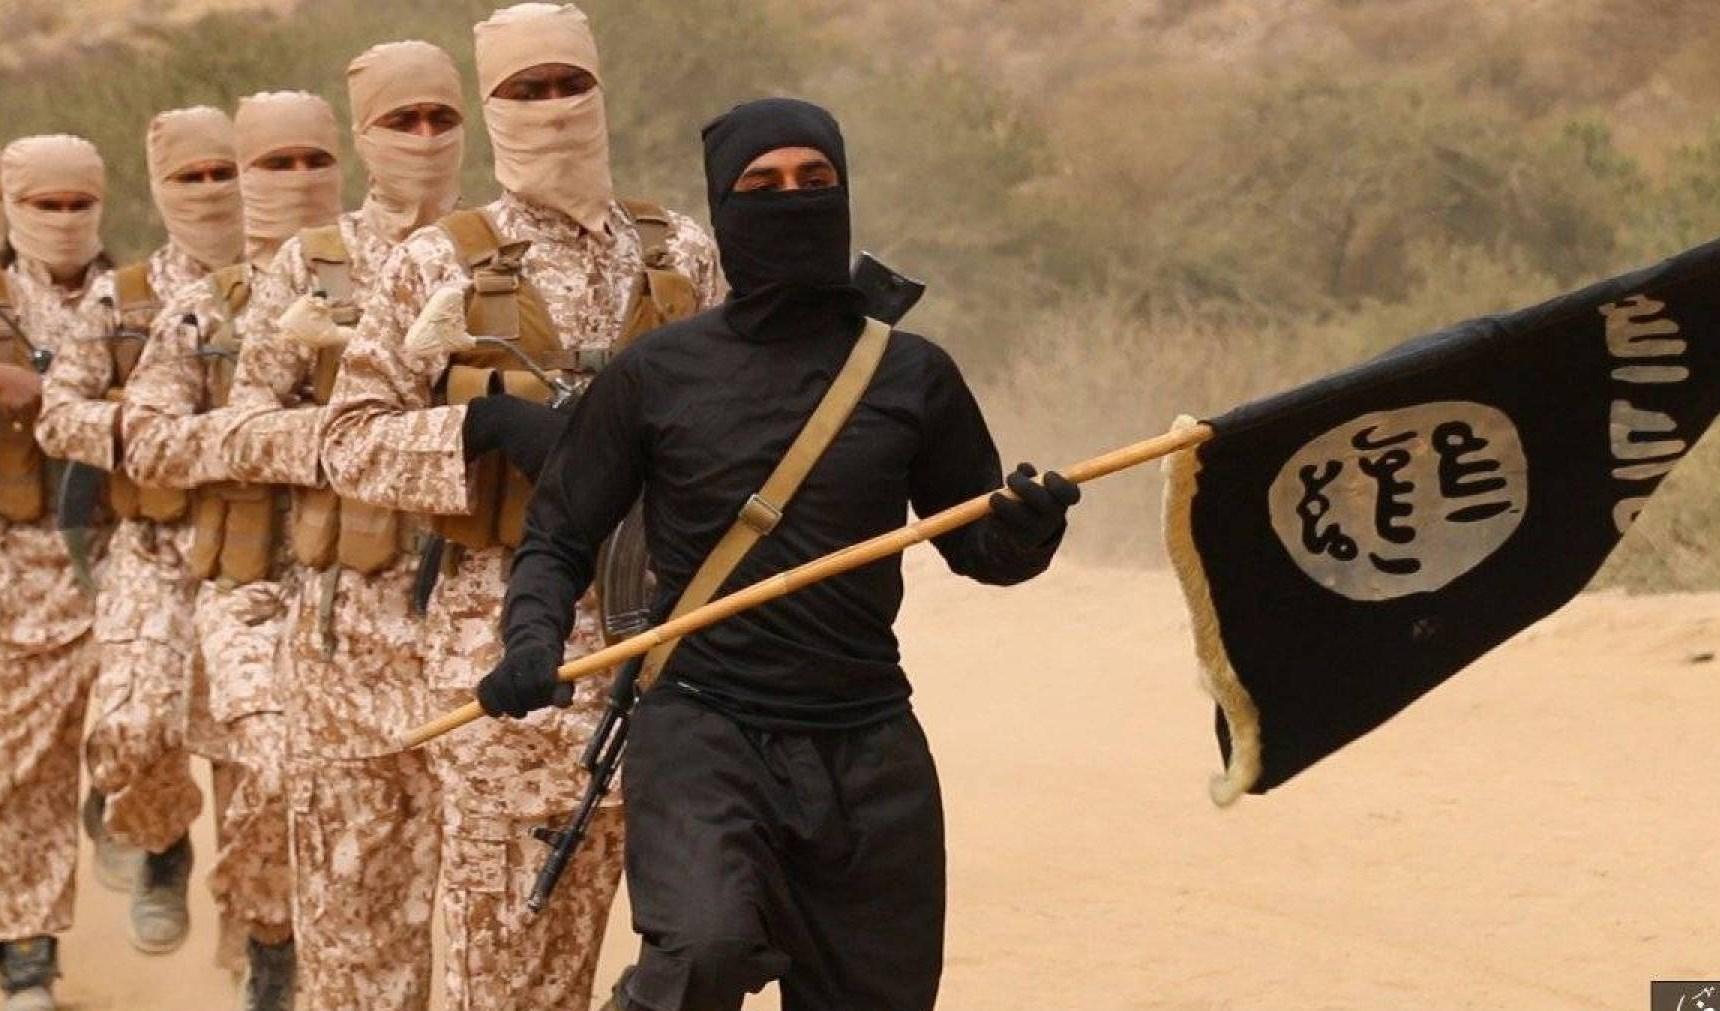 الاتحاد الأوروبي يصنف السعودية في قائمة الدول الممولة للإرهاب